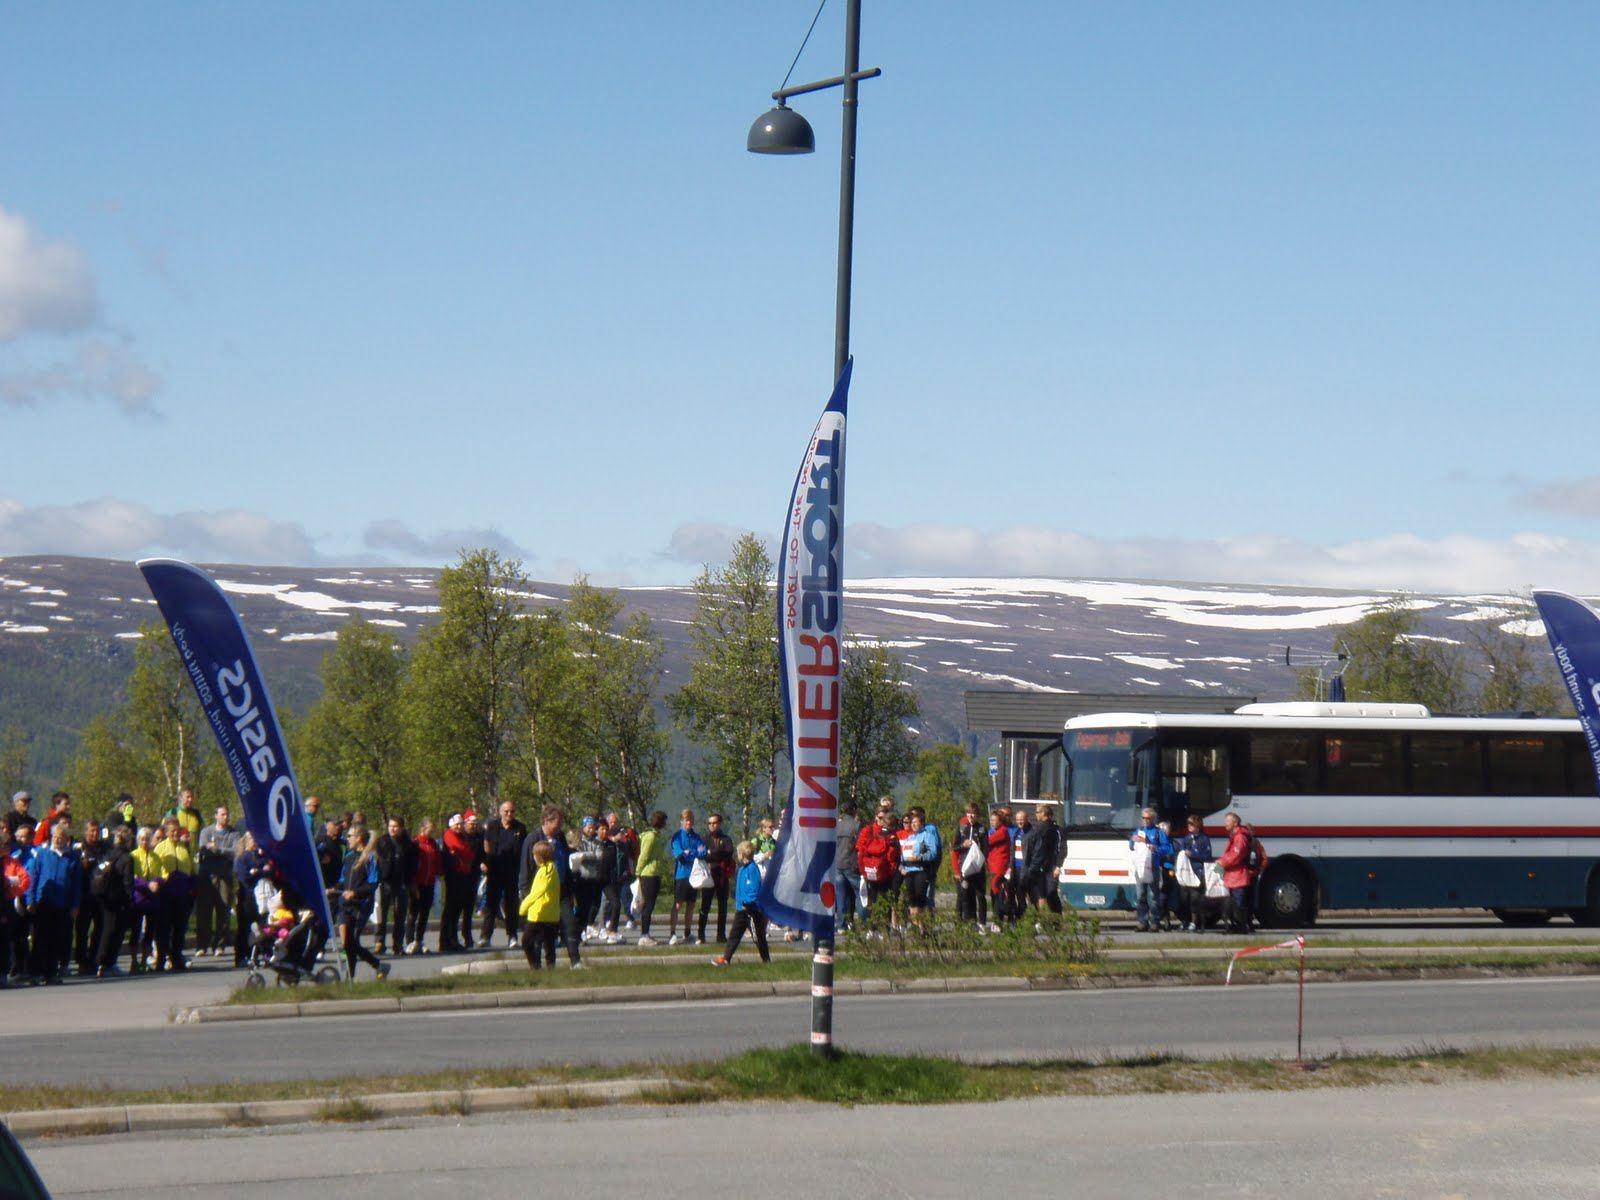 Alles over de Det Norske Fjellmarathonbeitostolen en hoe jij er aan mee kunt doen